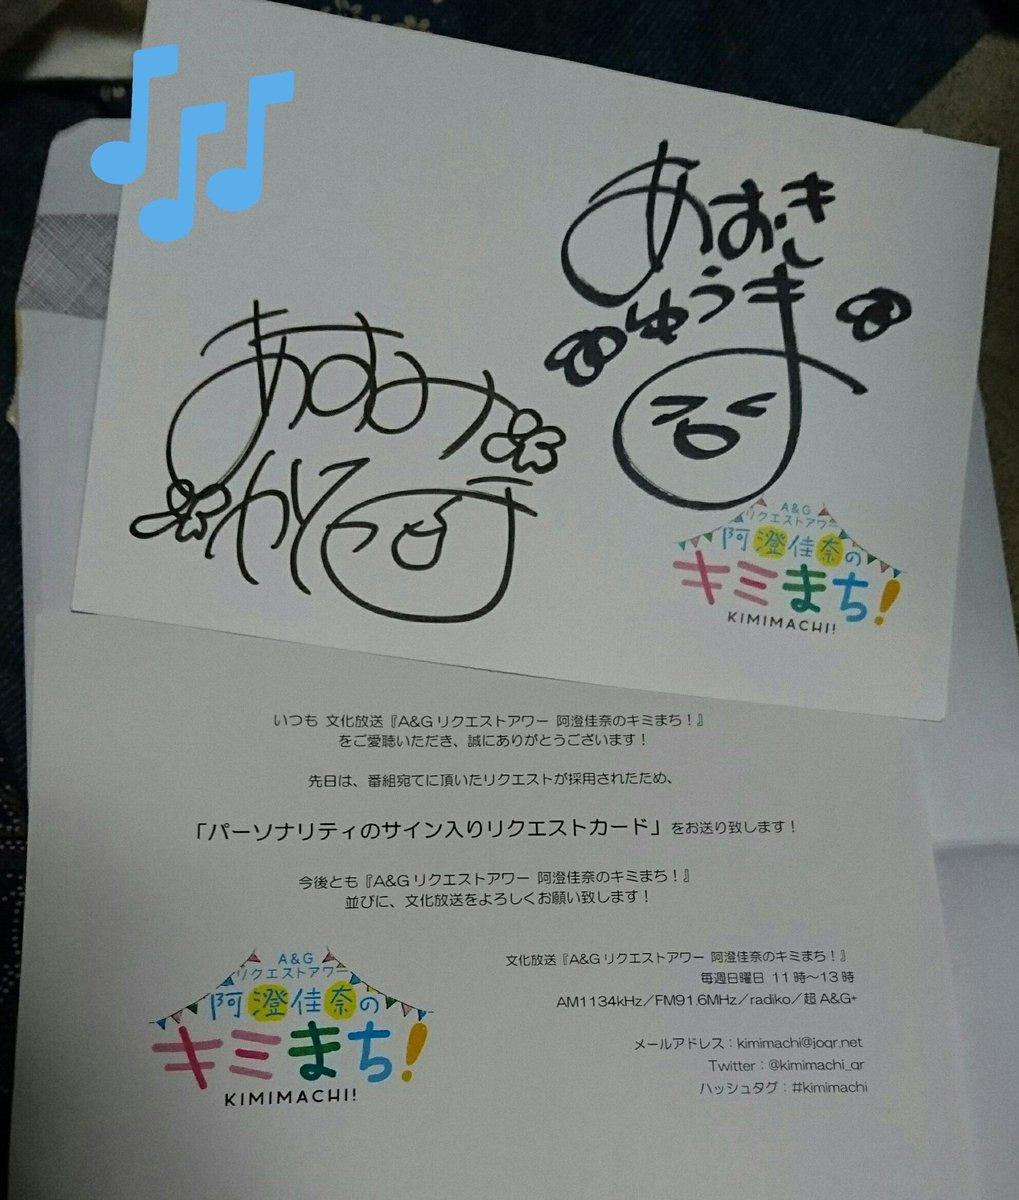 おうち帰ったらキミまち!のリクエストカード届いてましたー\(^o^)/あすみんのサインに寄っていくゆーまさんのサイン…め